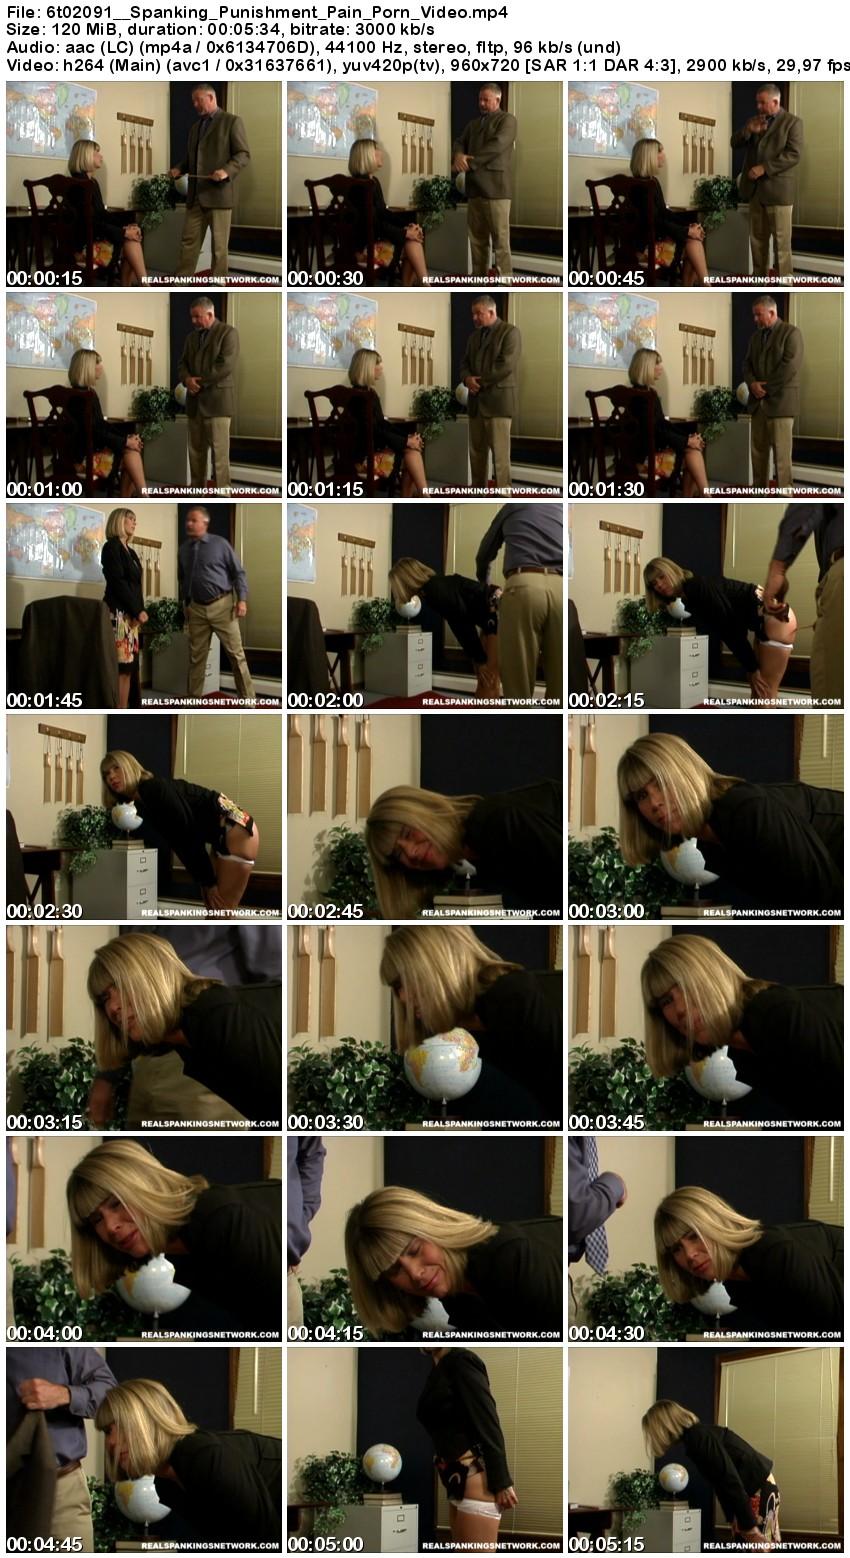 6t02091__spanking_punishment_pain_porn_video_thumb.jpg